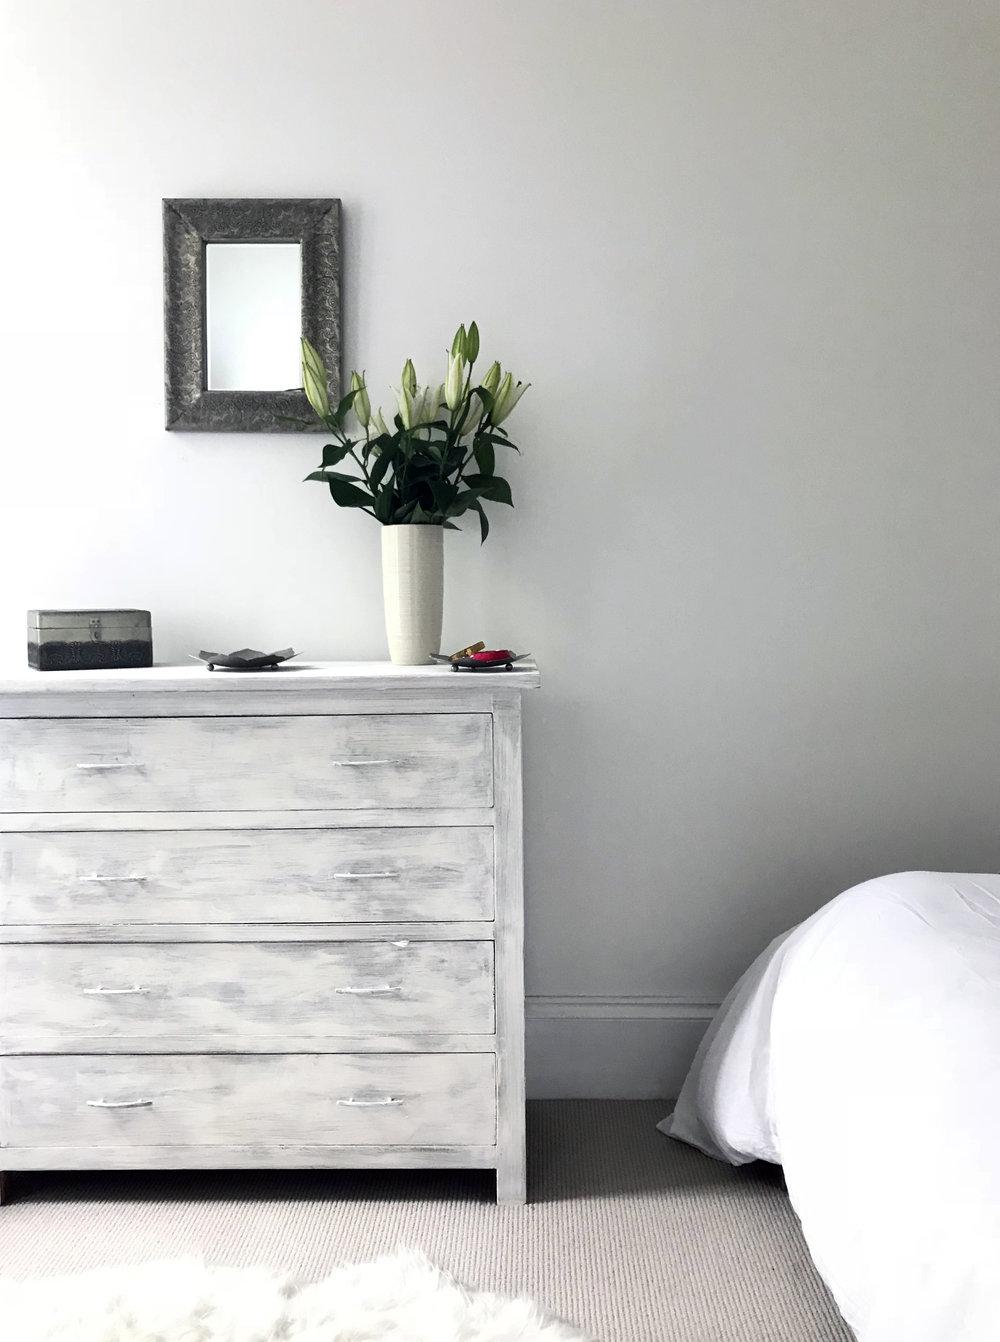 My bedroom. Photo ©KerryHussain